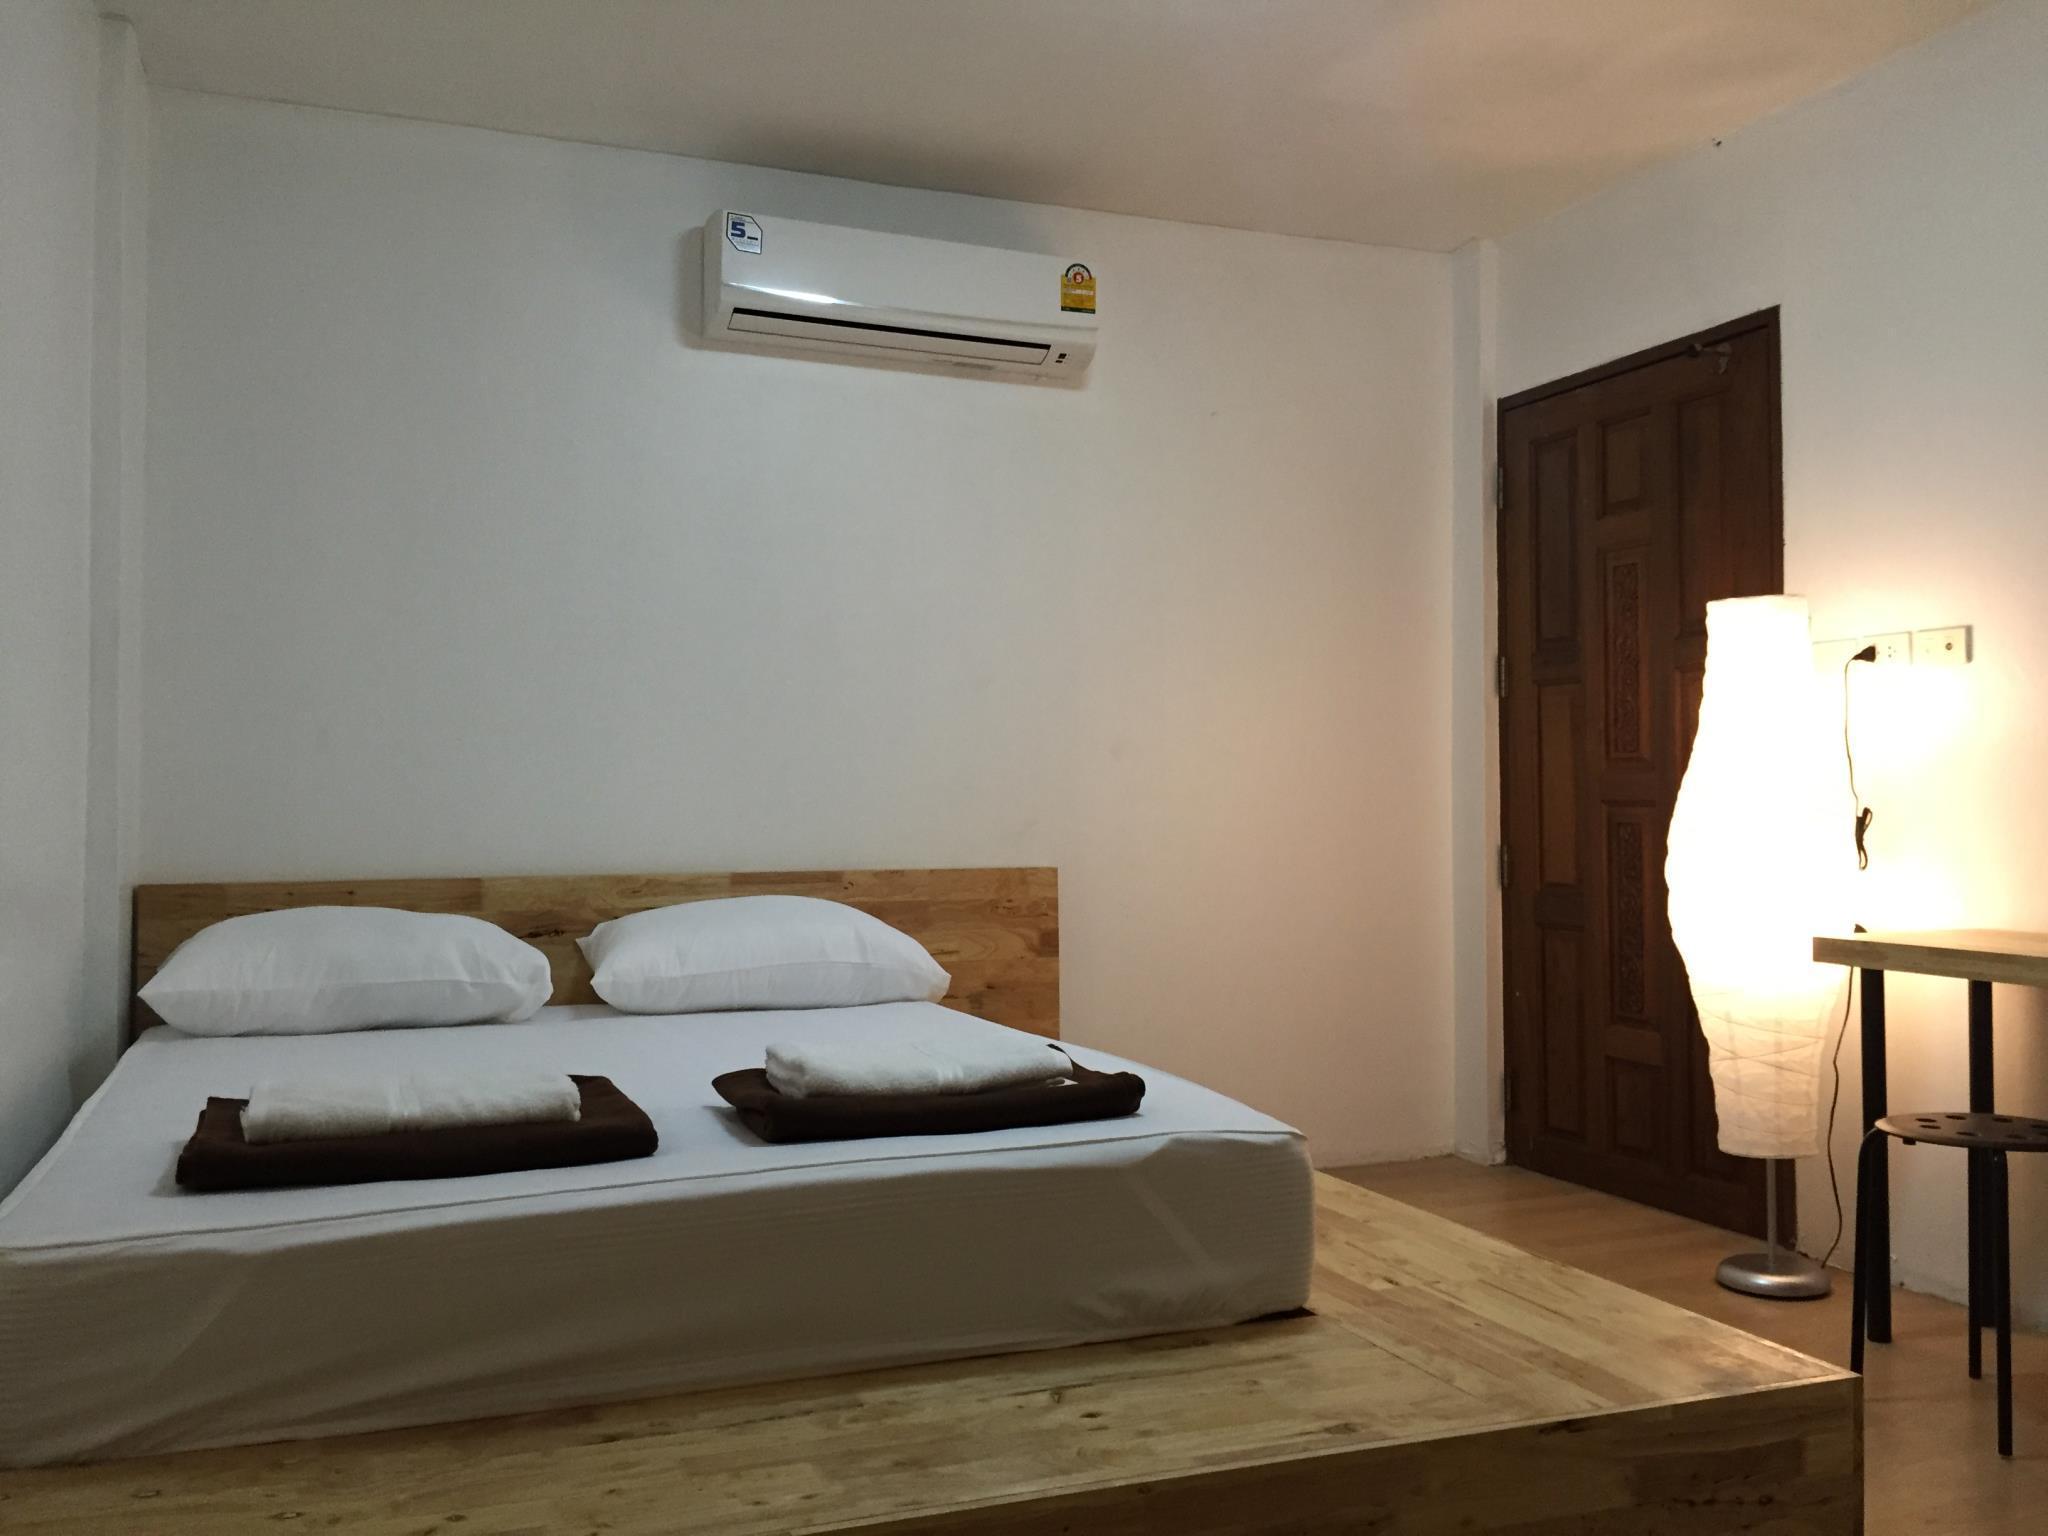 You Me Etagenbett : Sonstige hoch etagenbetten und weitere betten günstig online